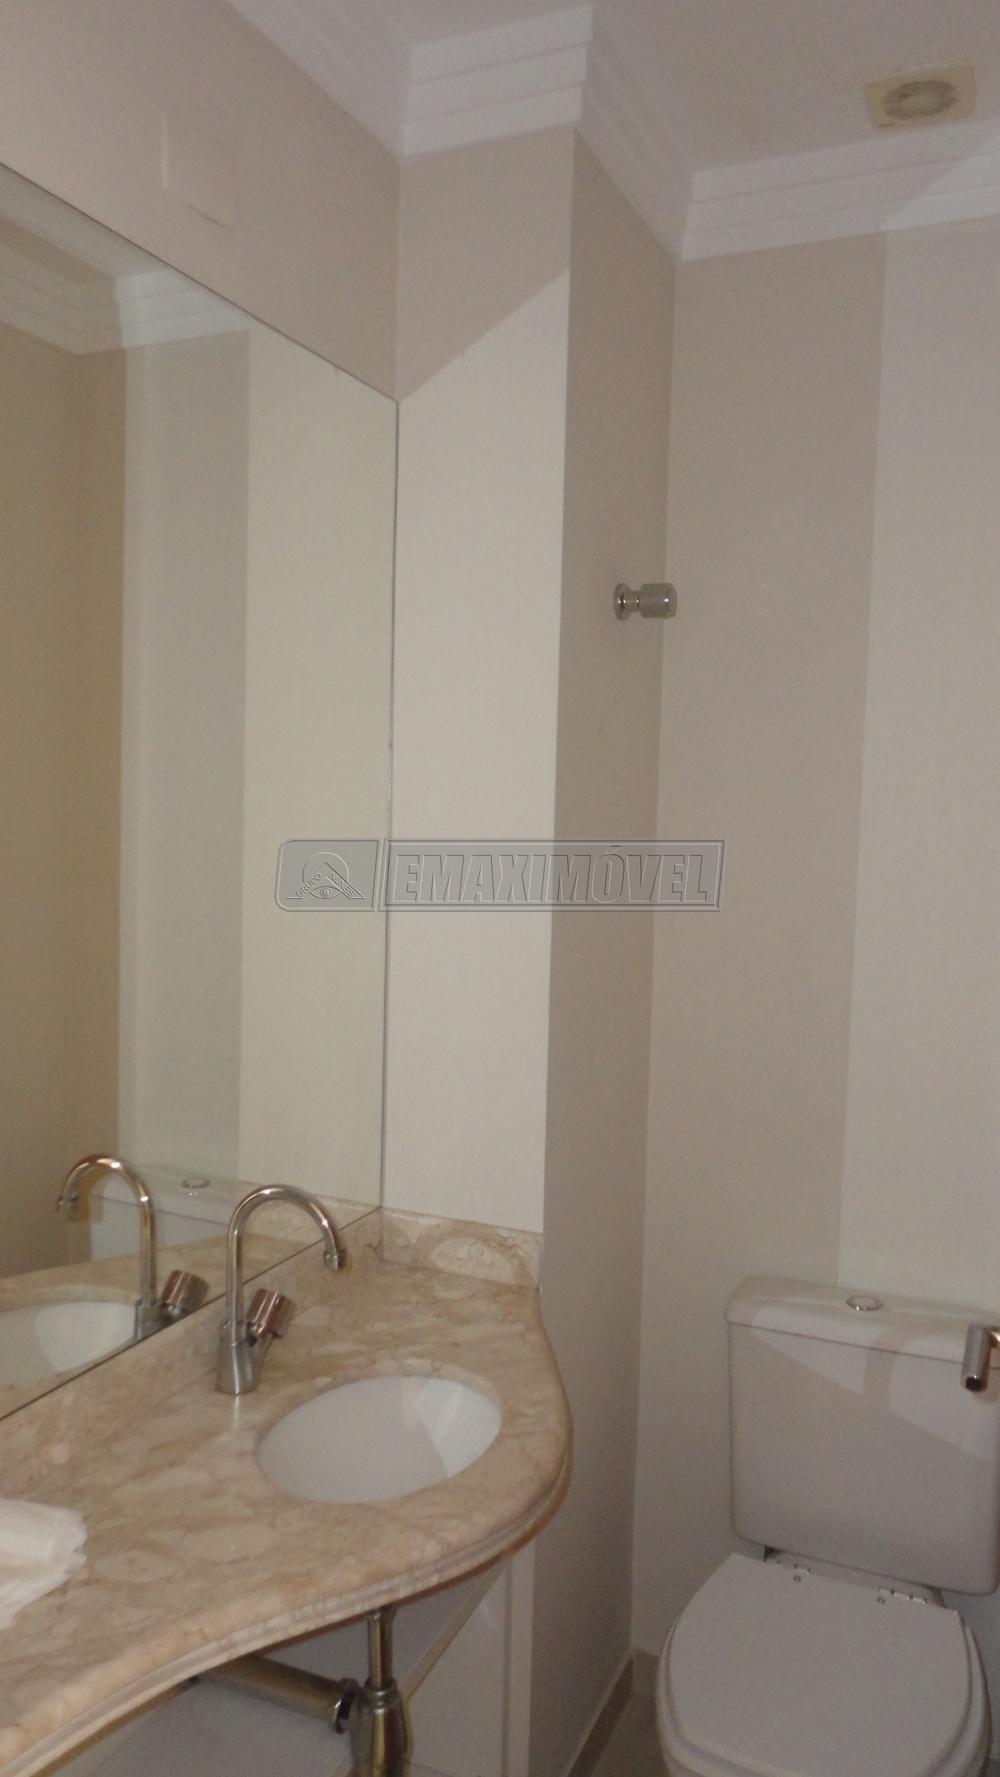 Alugar Apartamento / Padrão em Sorocaba R$ 2.800,00 - Foto 13